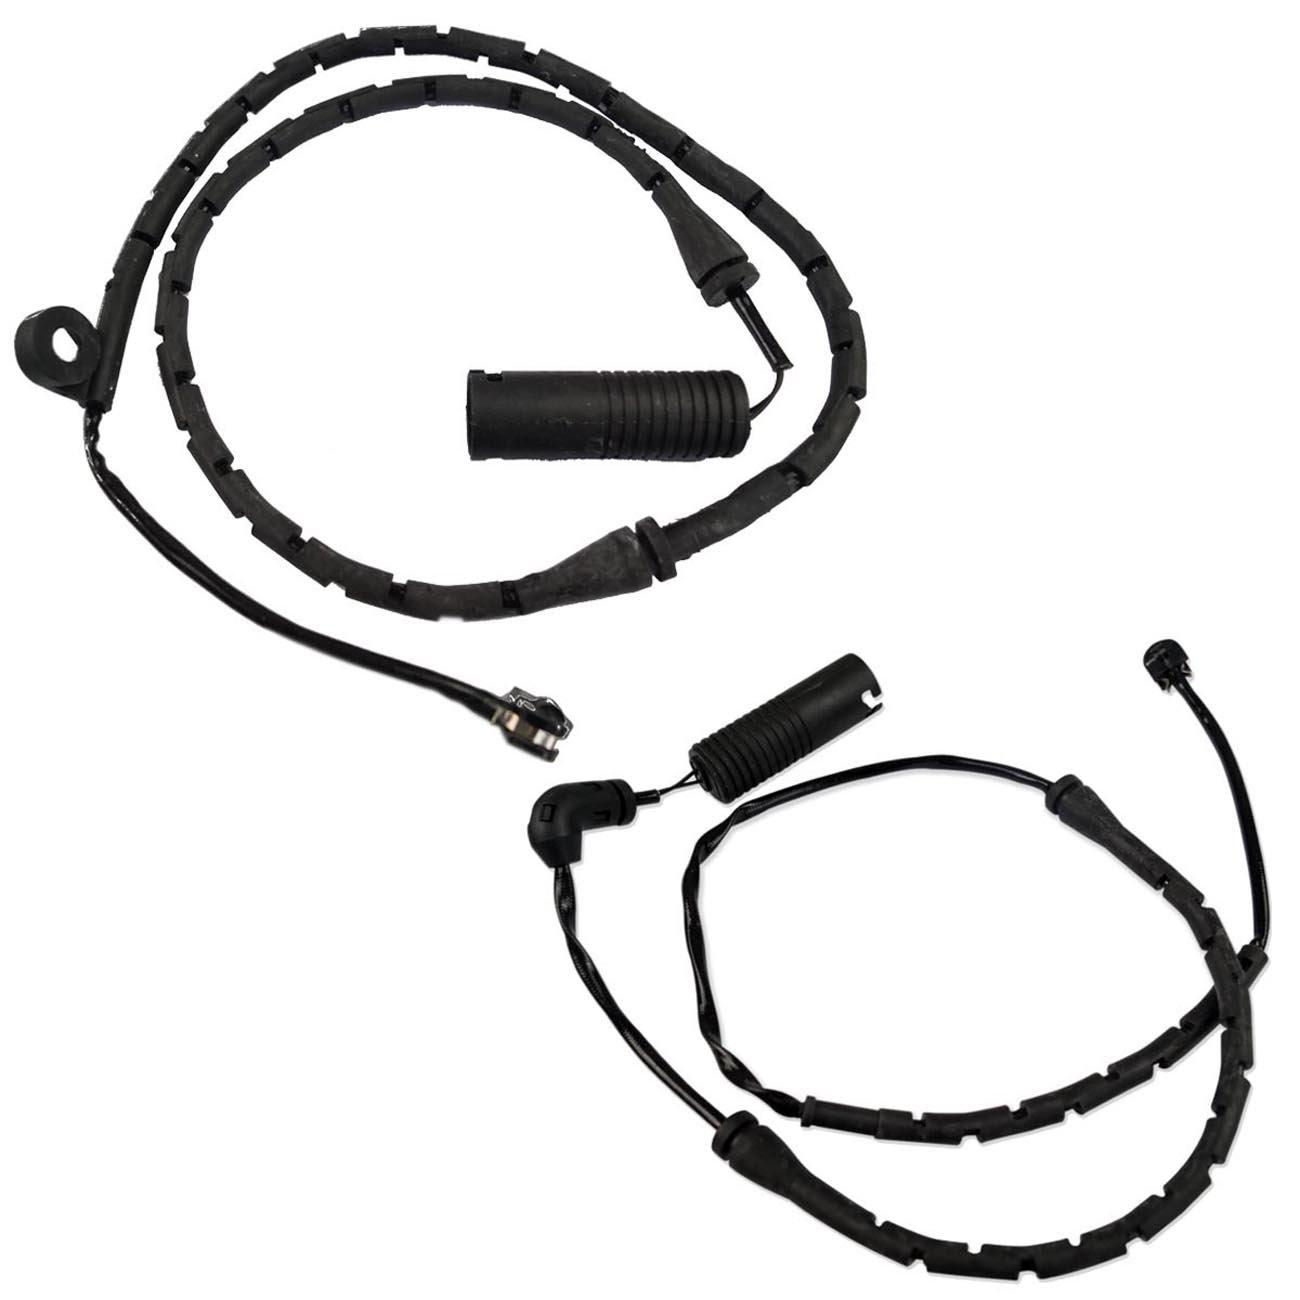 Bapmic 34351165579 Front + 34351165580 Rear Brake Pad Wear Sensors for BMW E53 X 5 2000-2006